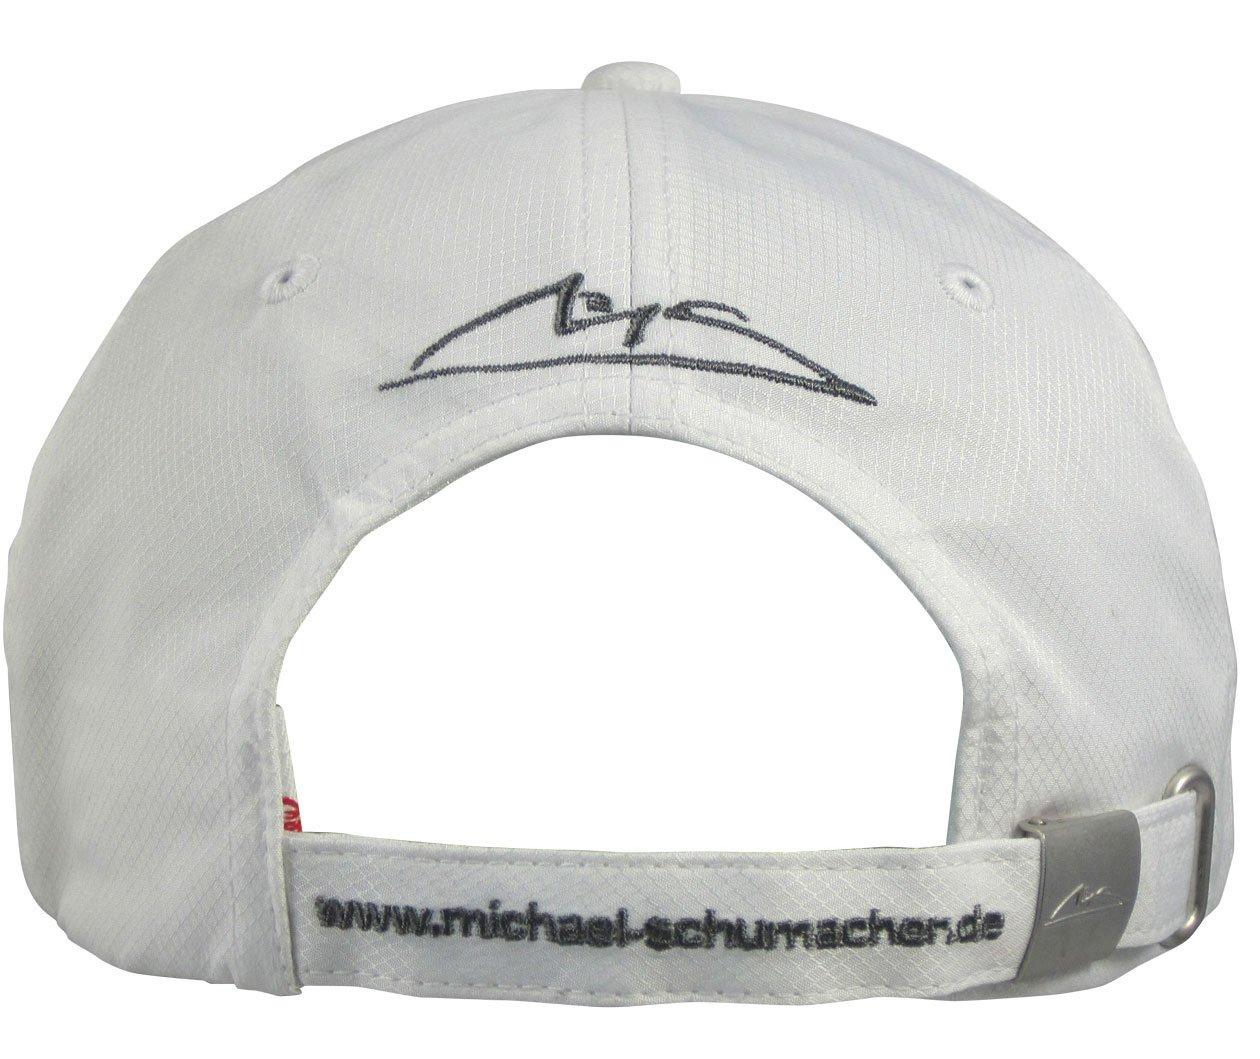 Michael Schumacher DVAG 2013 Hat